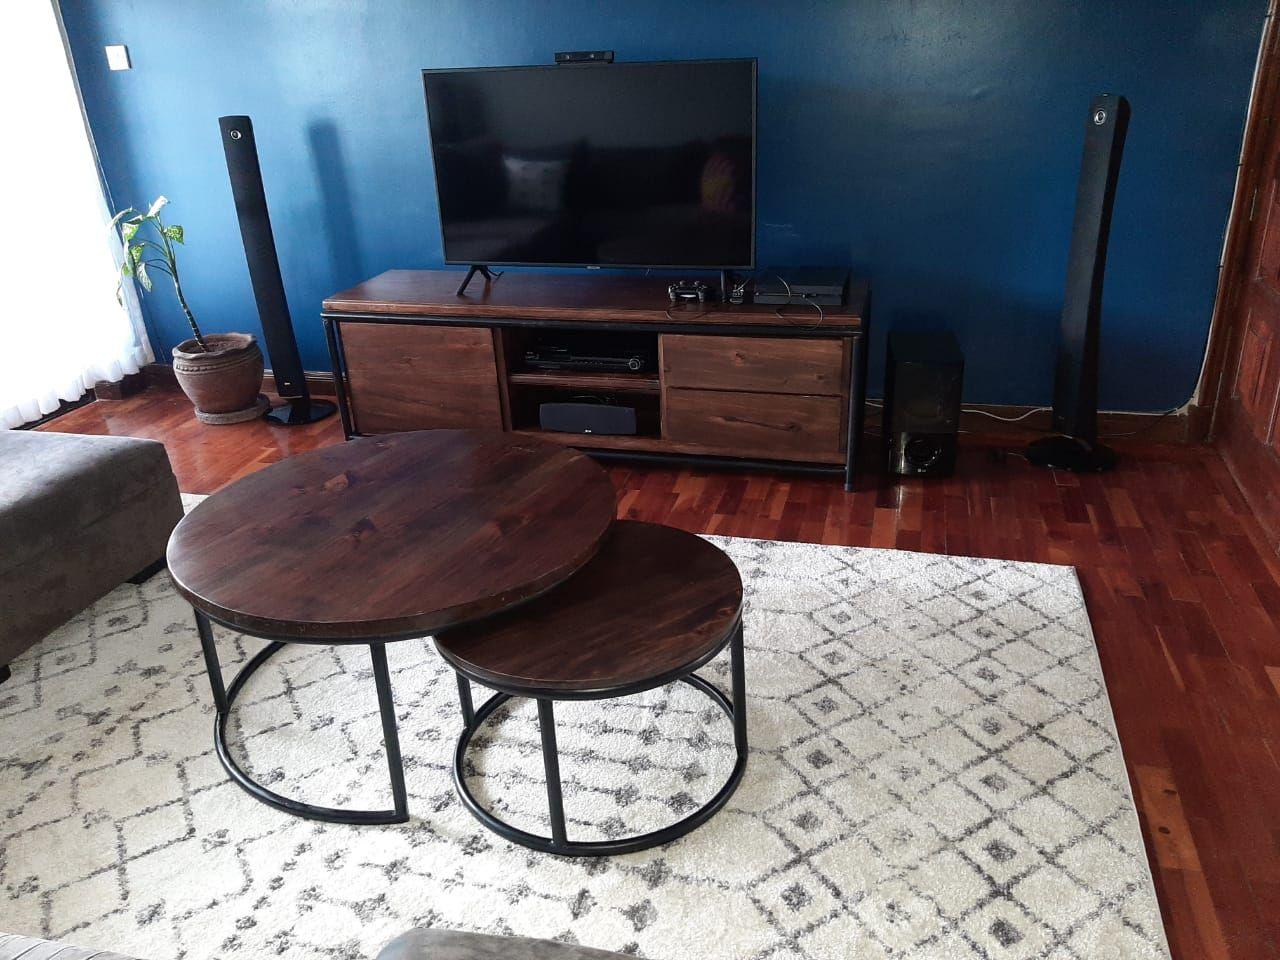 Pin By Muundo Kenya On Muundo Pieces Kids Study Table Transform Spaces Coffee Table [ 960 x 1280 Pixel ]